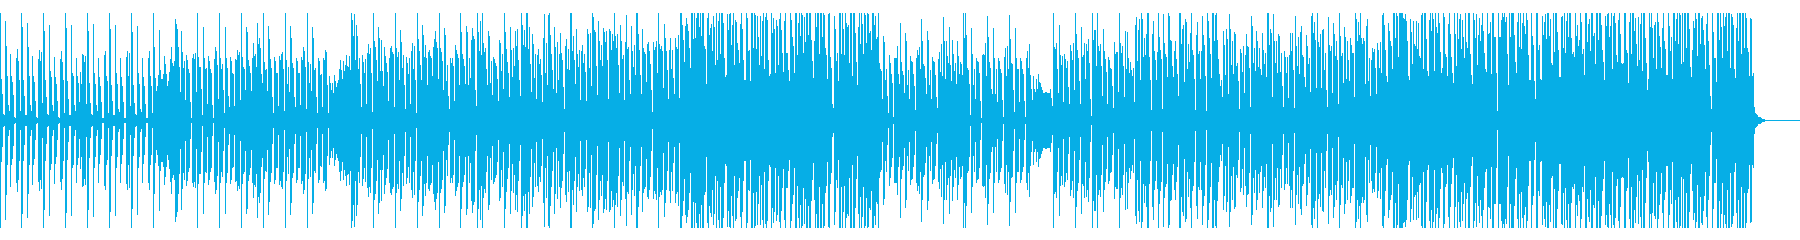 ファンキーなダンスミュージックBGMの再生済みの波形